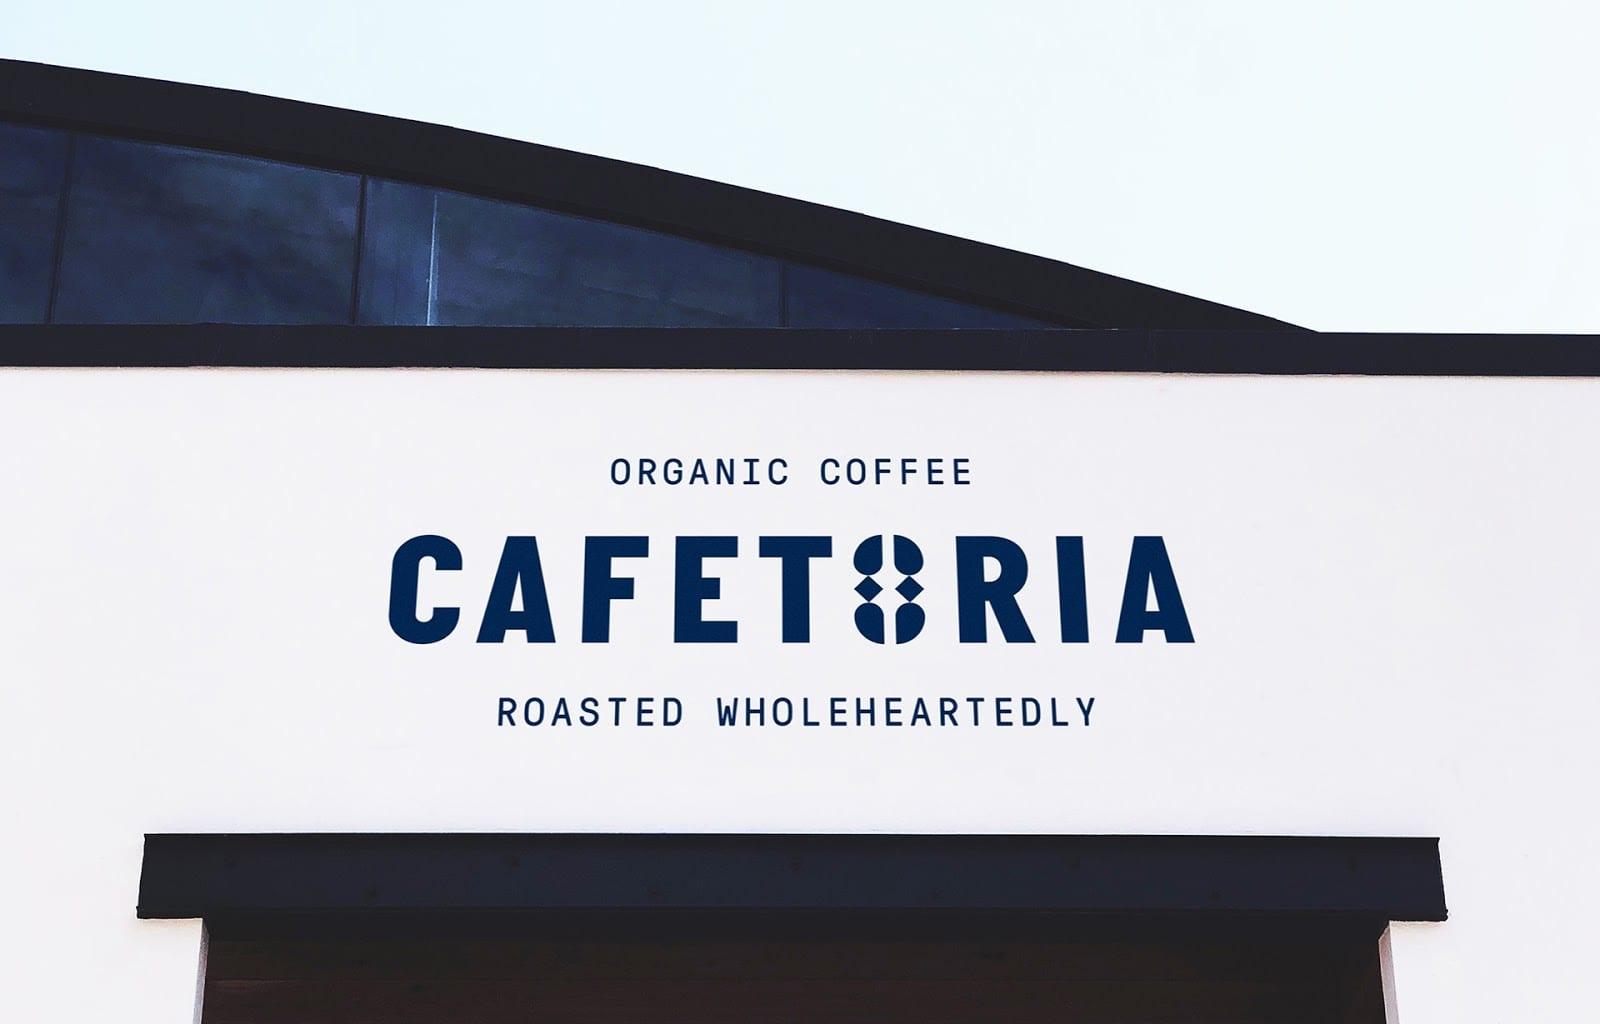 Cafetoria 025 - Ach, tie obaly – Cafetoria